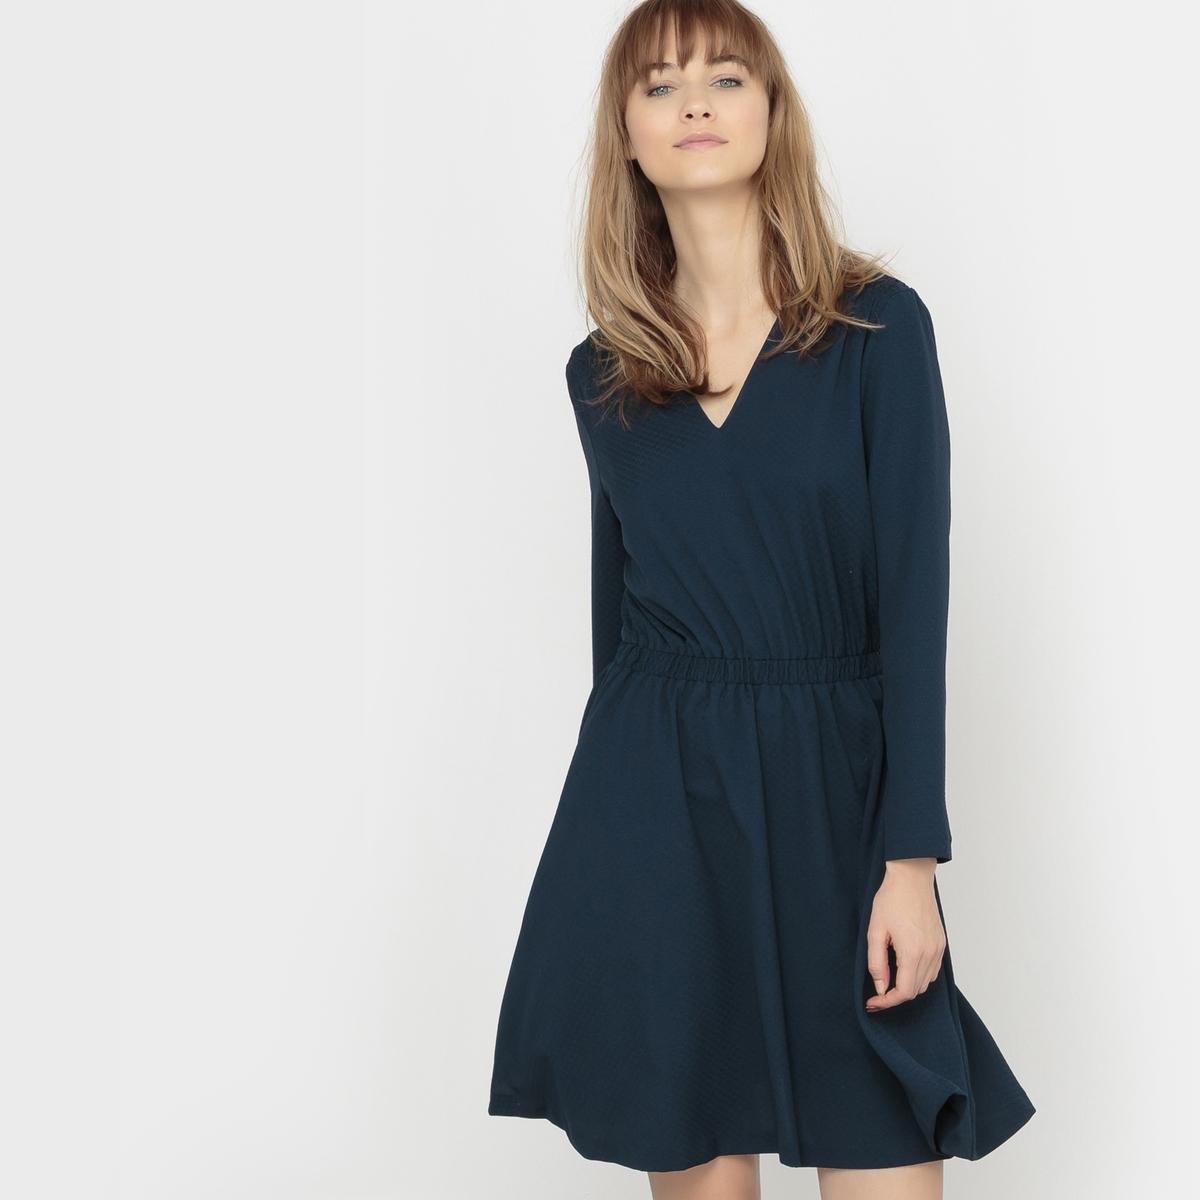 Платье с V-образным декольте и длинным рукавомСостав и описаниеМарка : KARL MARC JOHNМатериал :  100% полиэстер<br><br>Цвет: сине-зеленый,синий морской<br>Размер: M.M